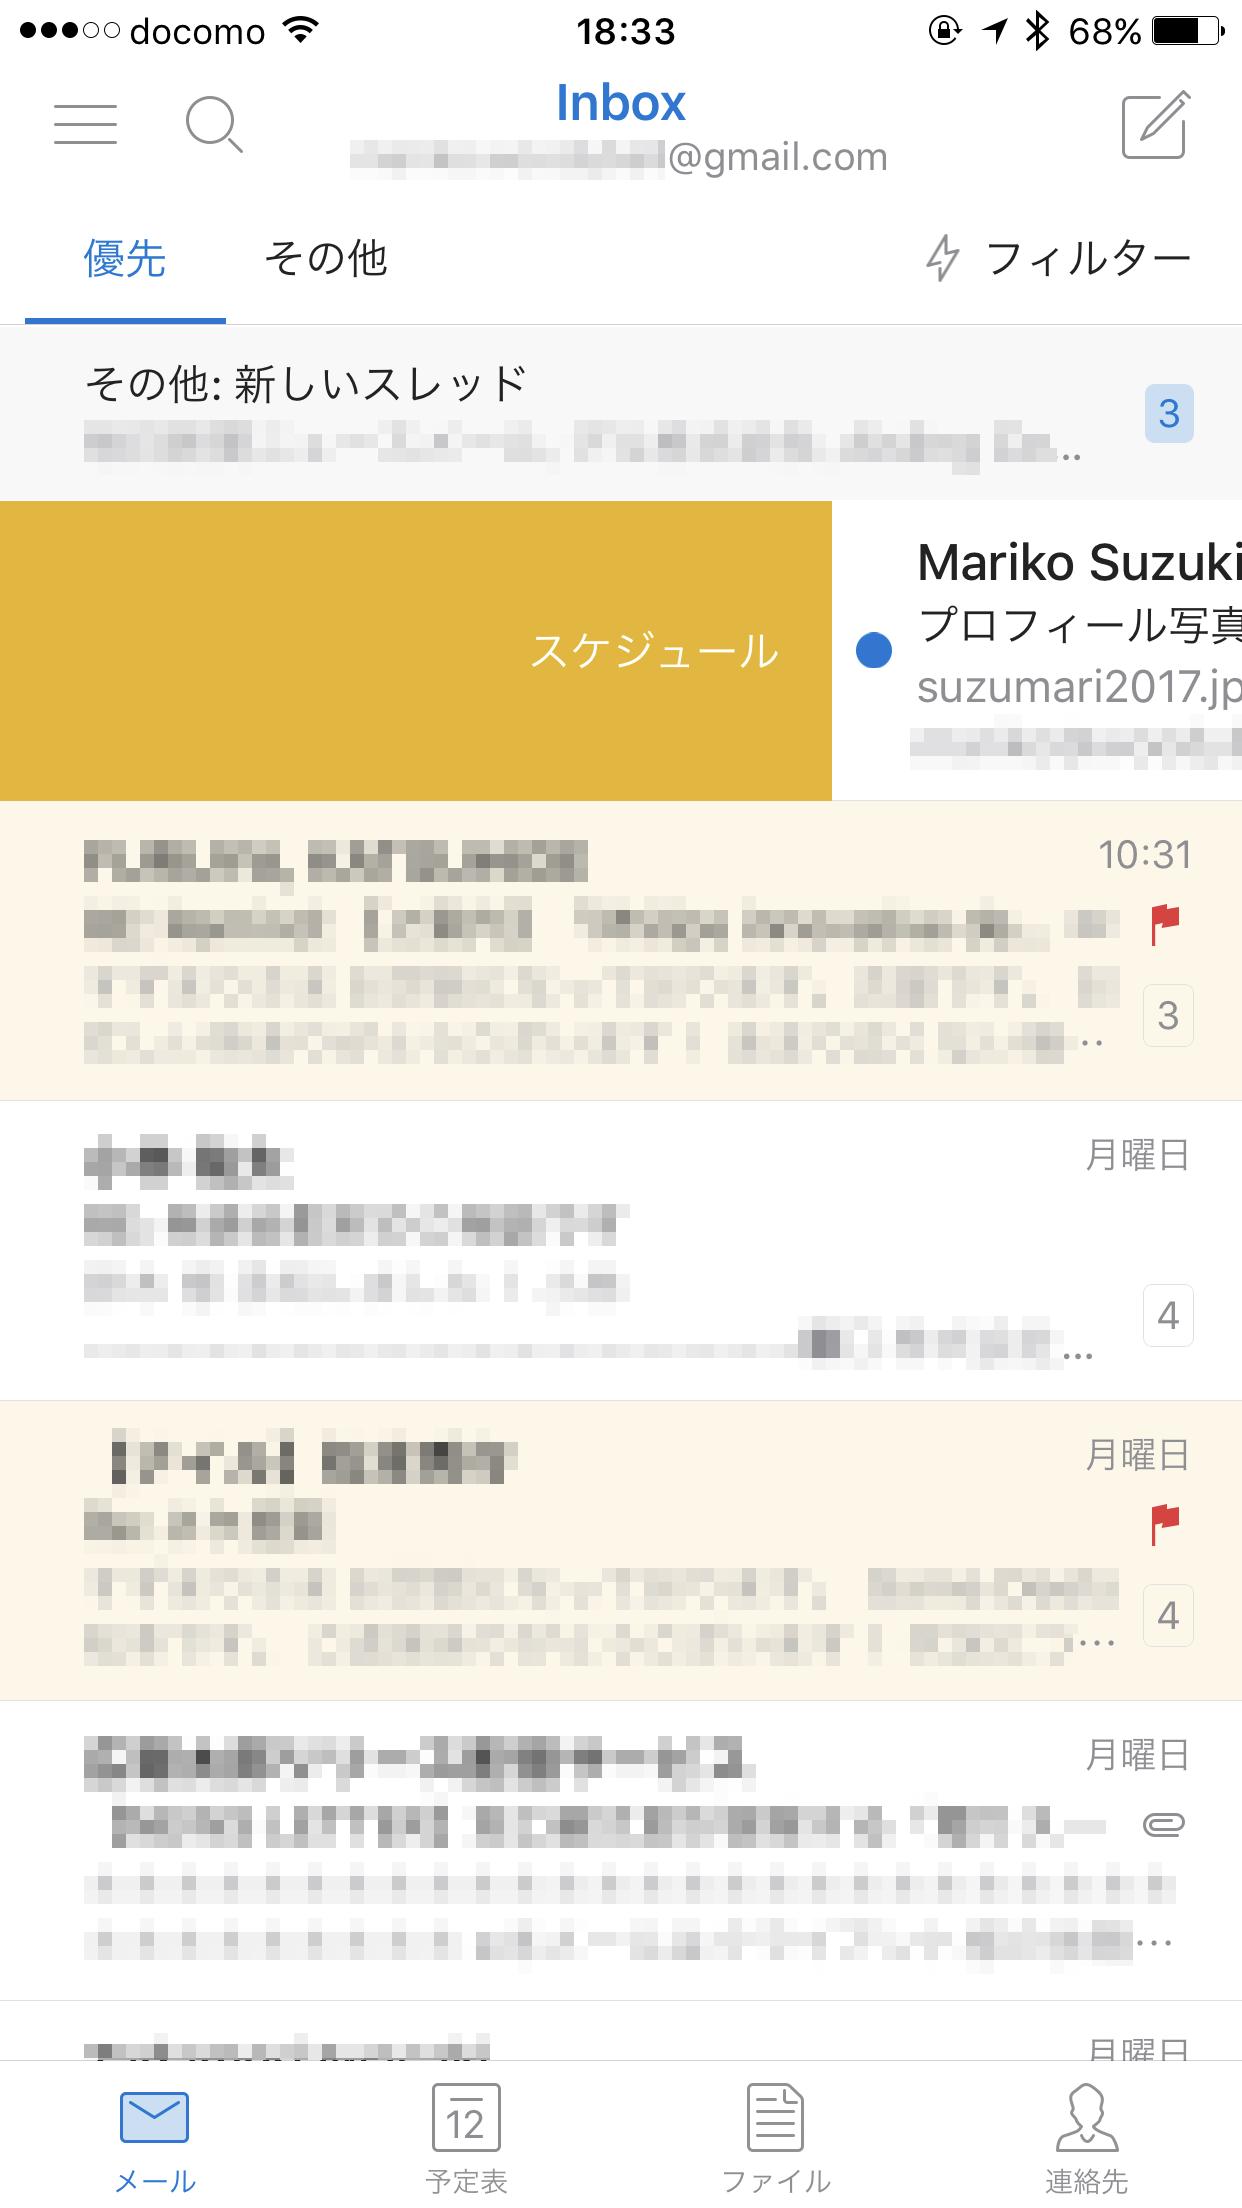 スケジュールがらみのメールを右にスワイプします